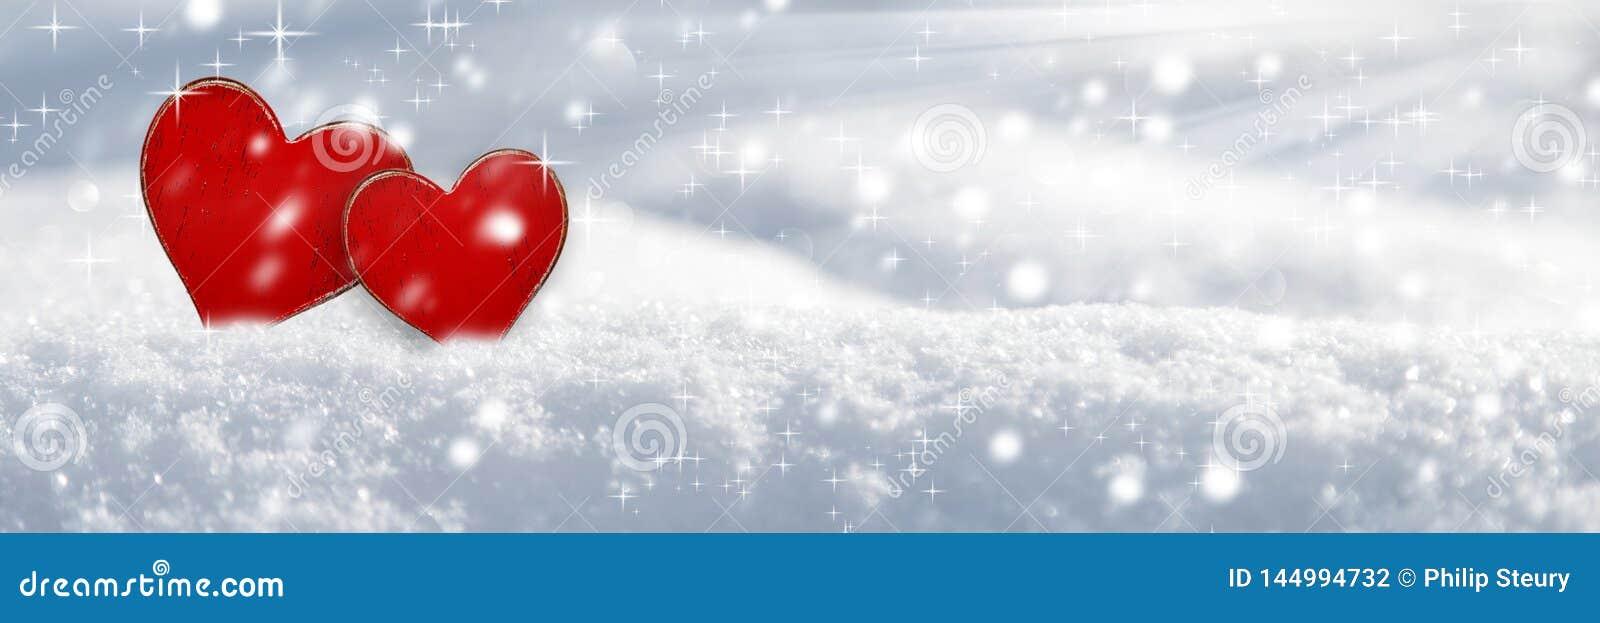 Любовь в снеге